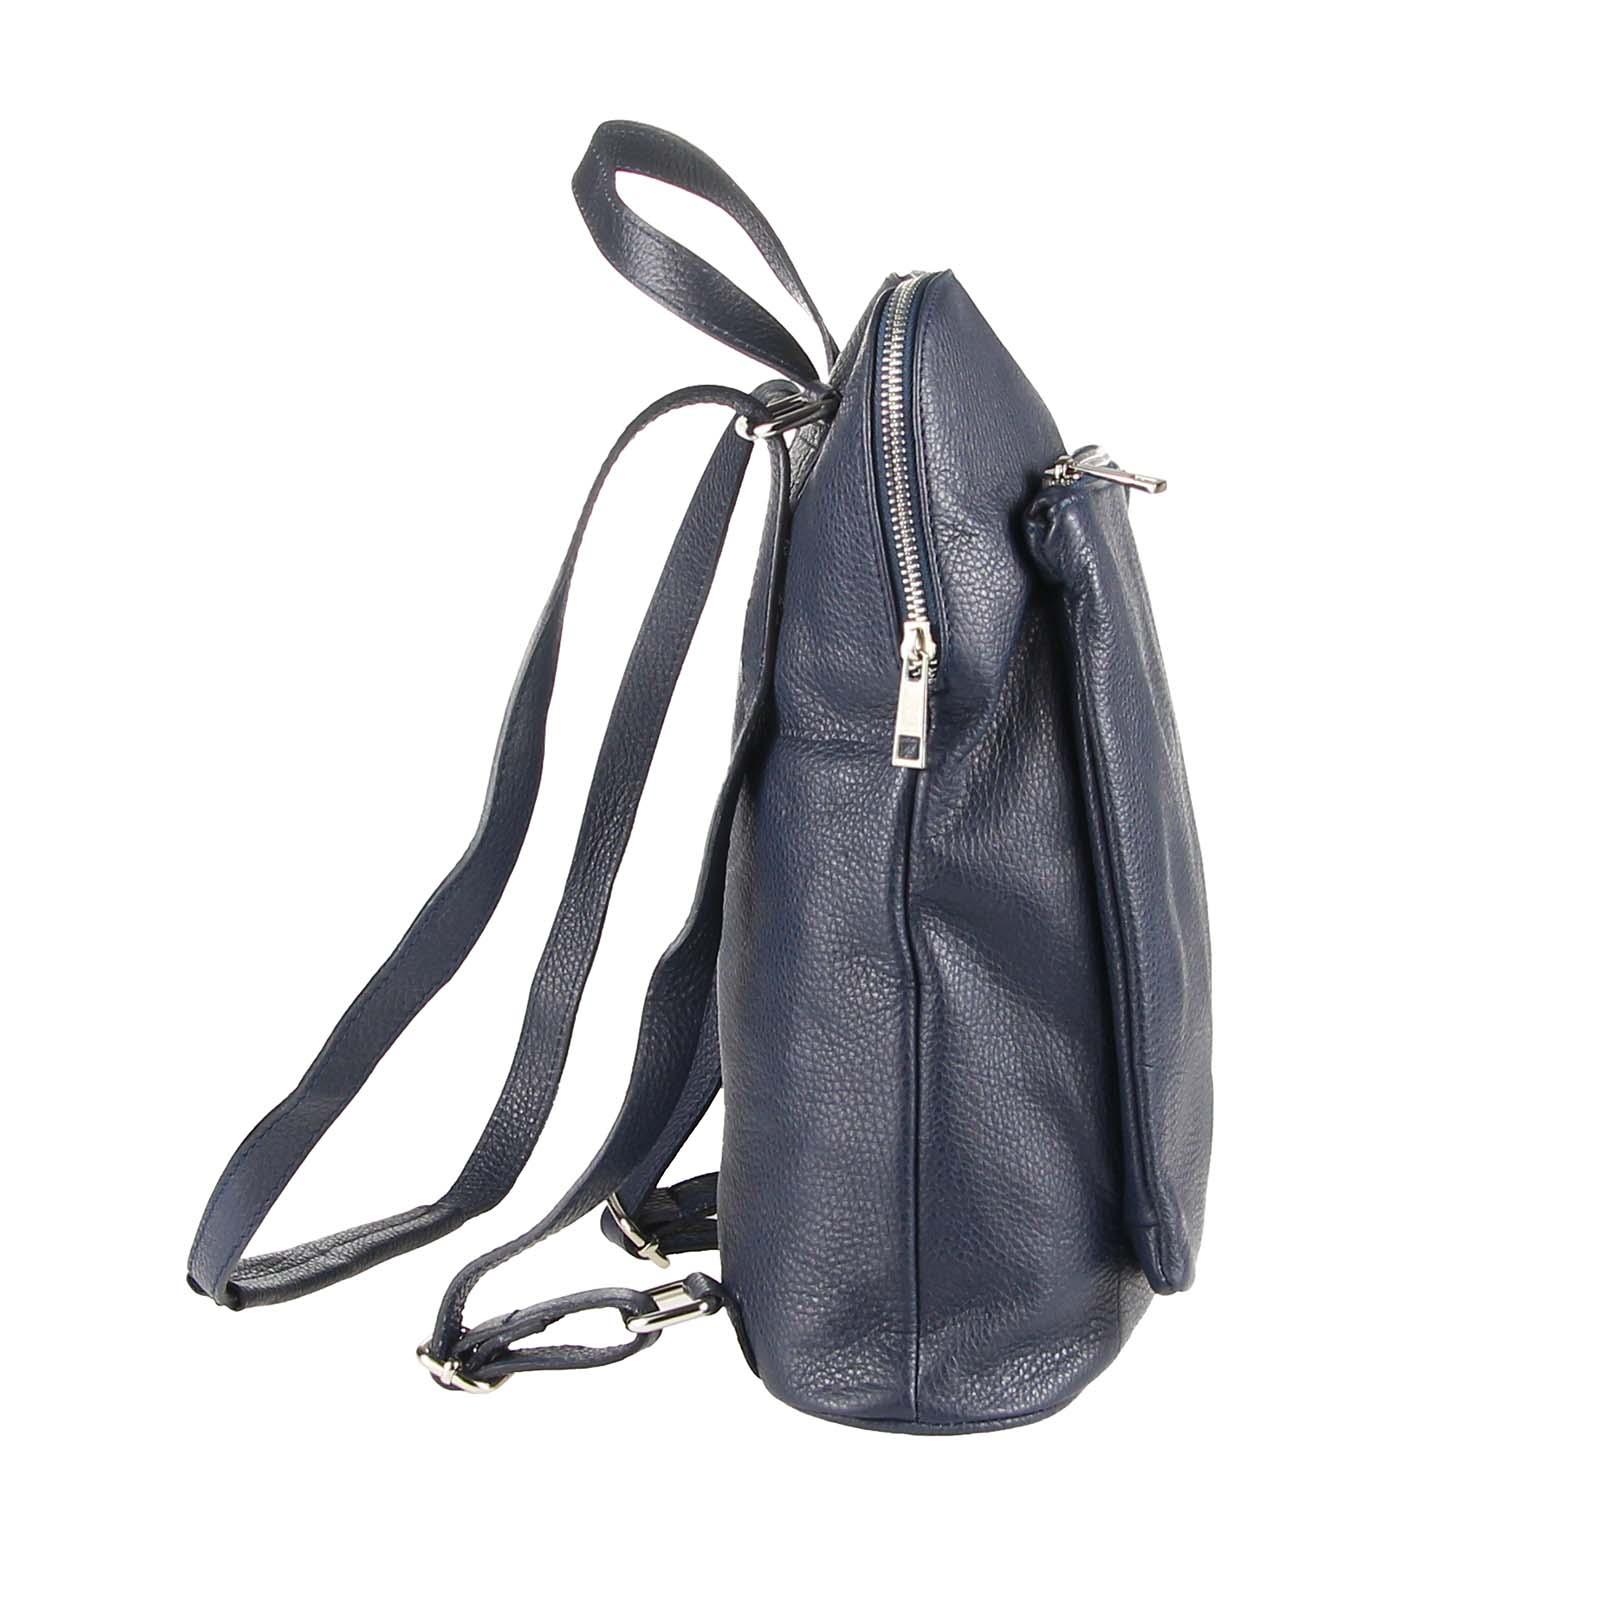 ITALy-DAMEN-LEDER-Reise-RUCKSACK-SchulterTasche-Shopper-Backpack-Ledertasche-BAG Indexbild 41